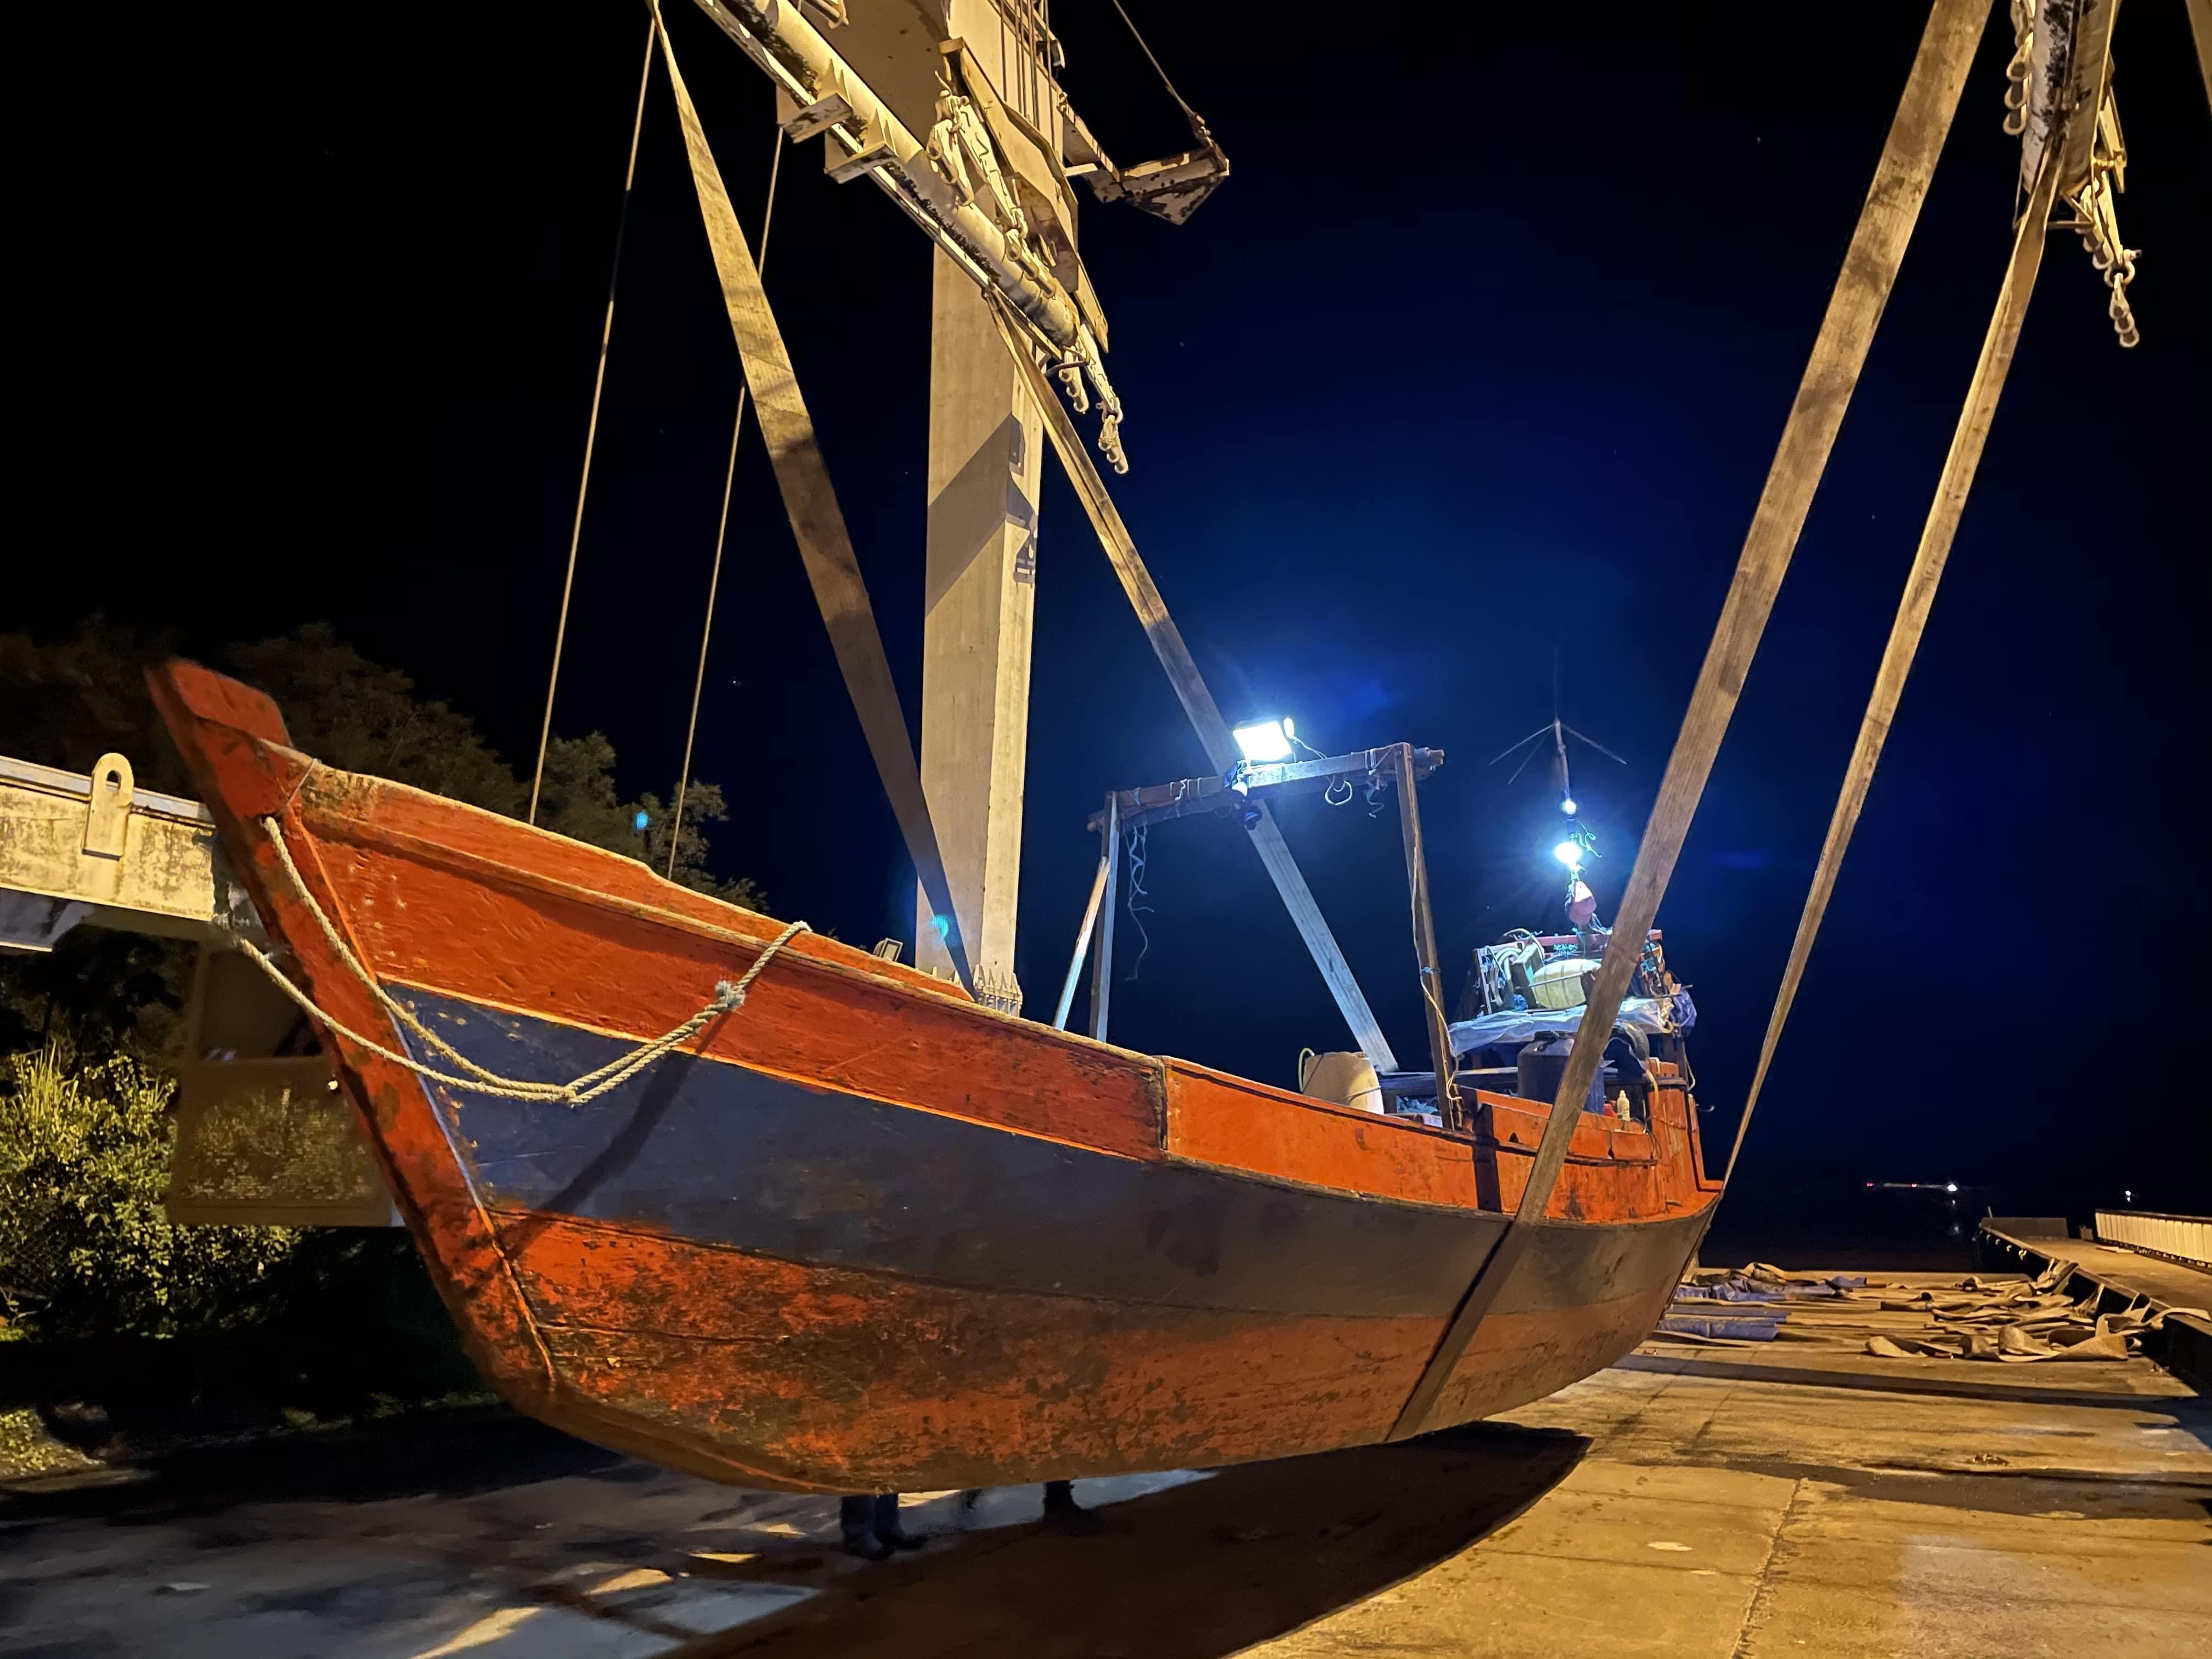 Guyane: Un navire de pêche brésilien dérouté dans le cadre de la lutte contre la pêche illégale